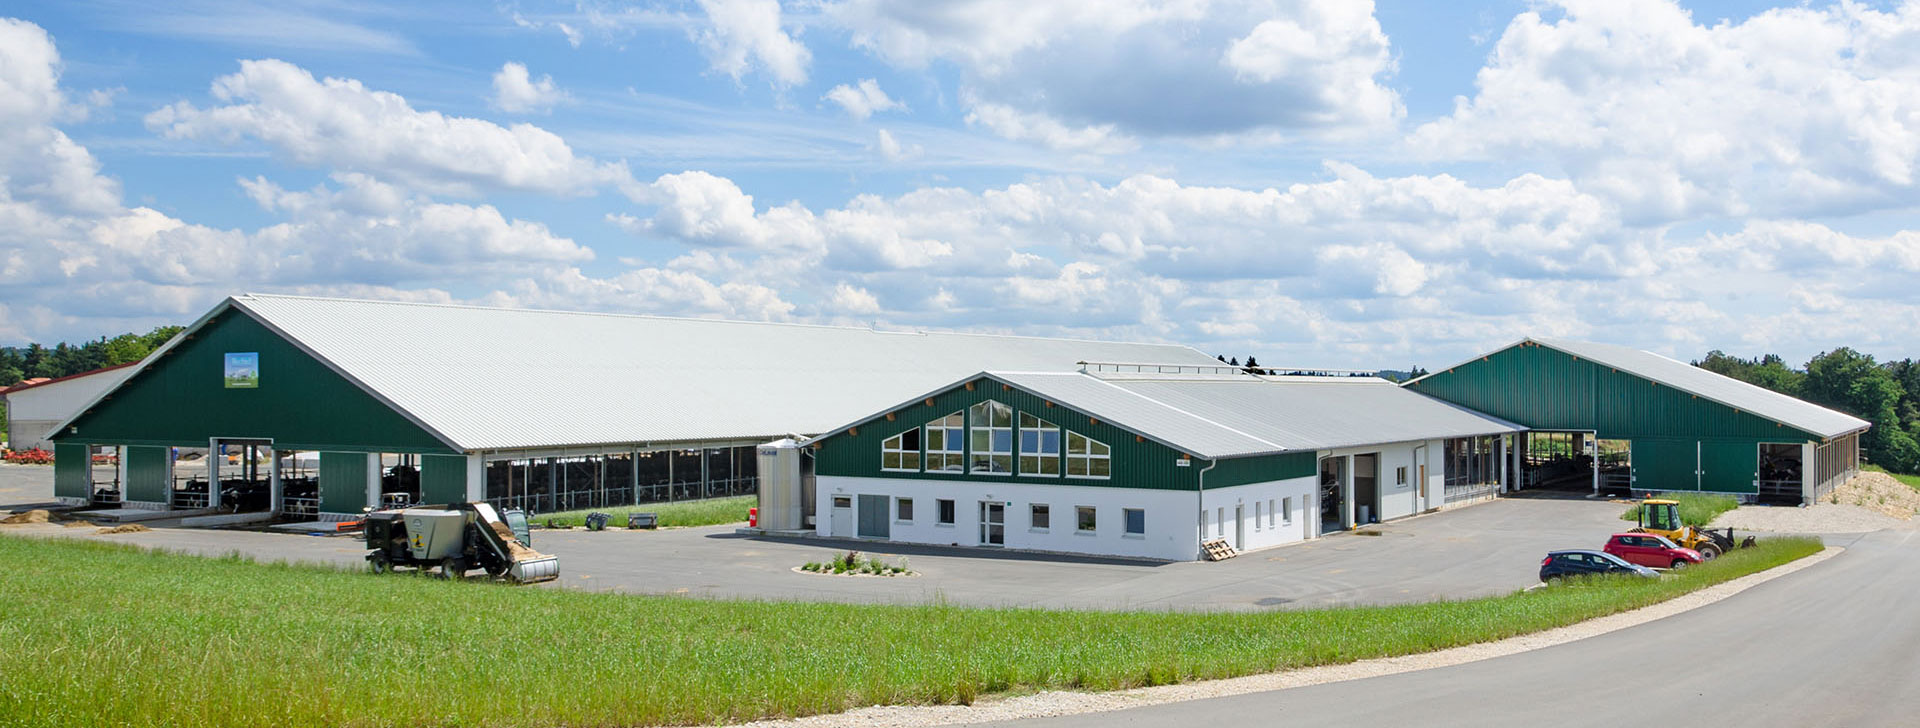 Bauernhof mit Boxenlaufstall